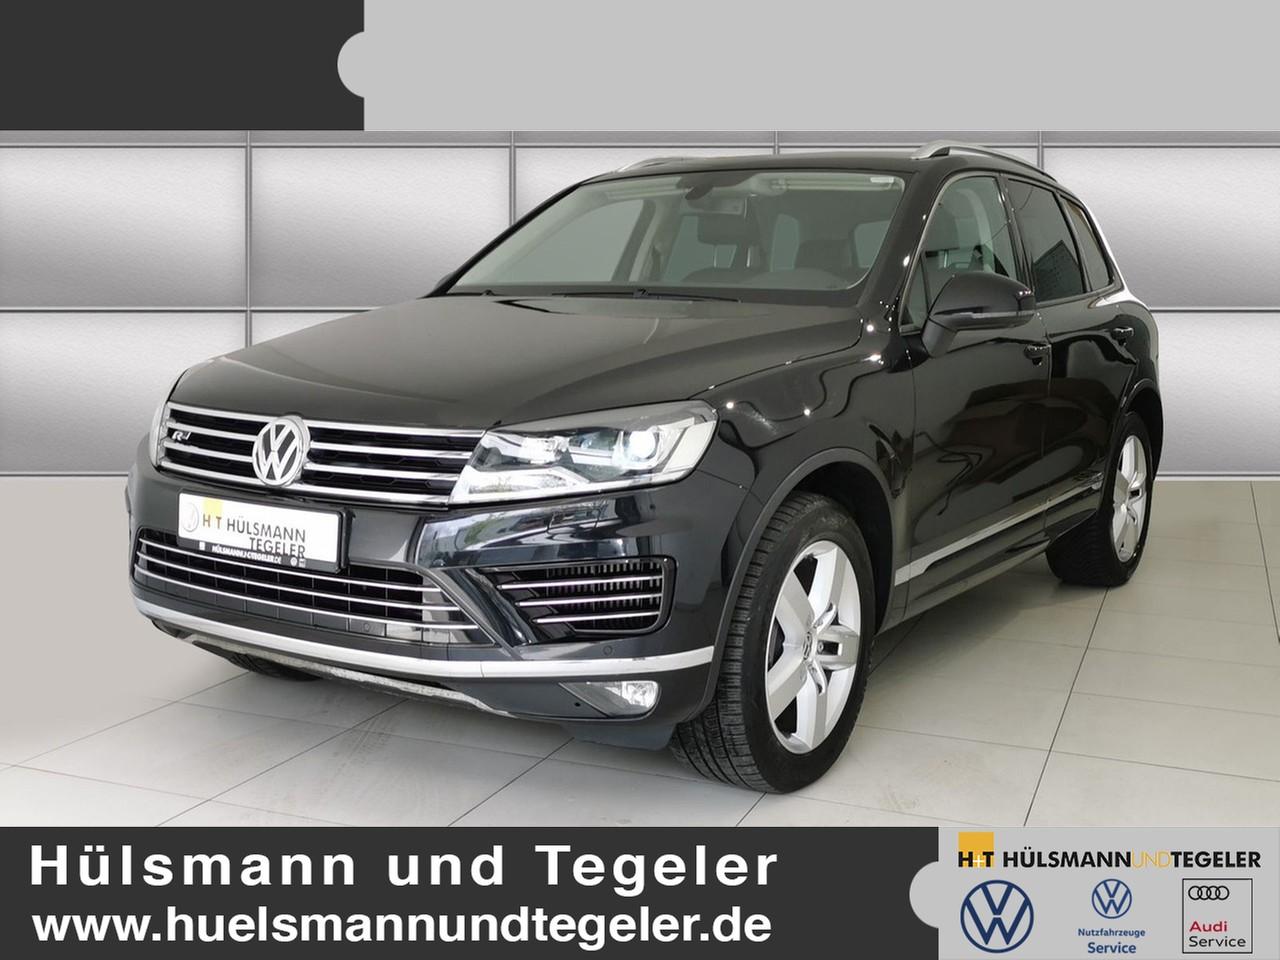 Volkswagen Touareg 3.0 TDI R-Line, Jahr 2016, Diesel